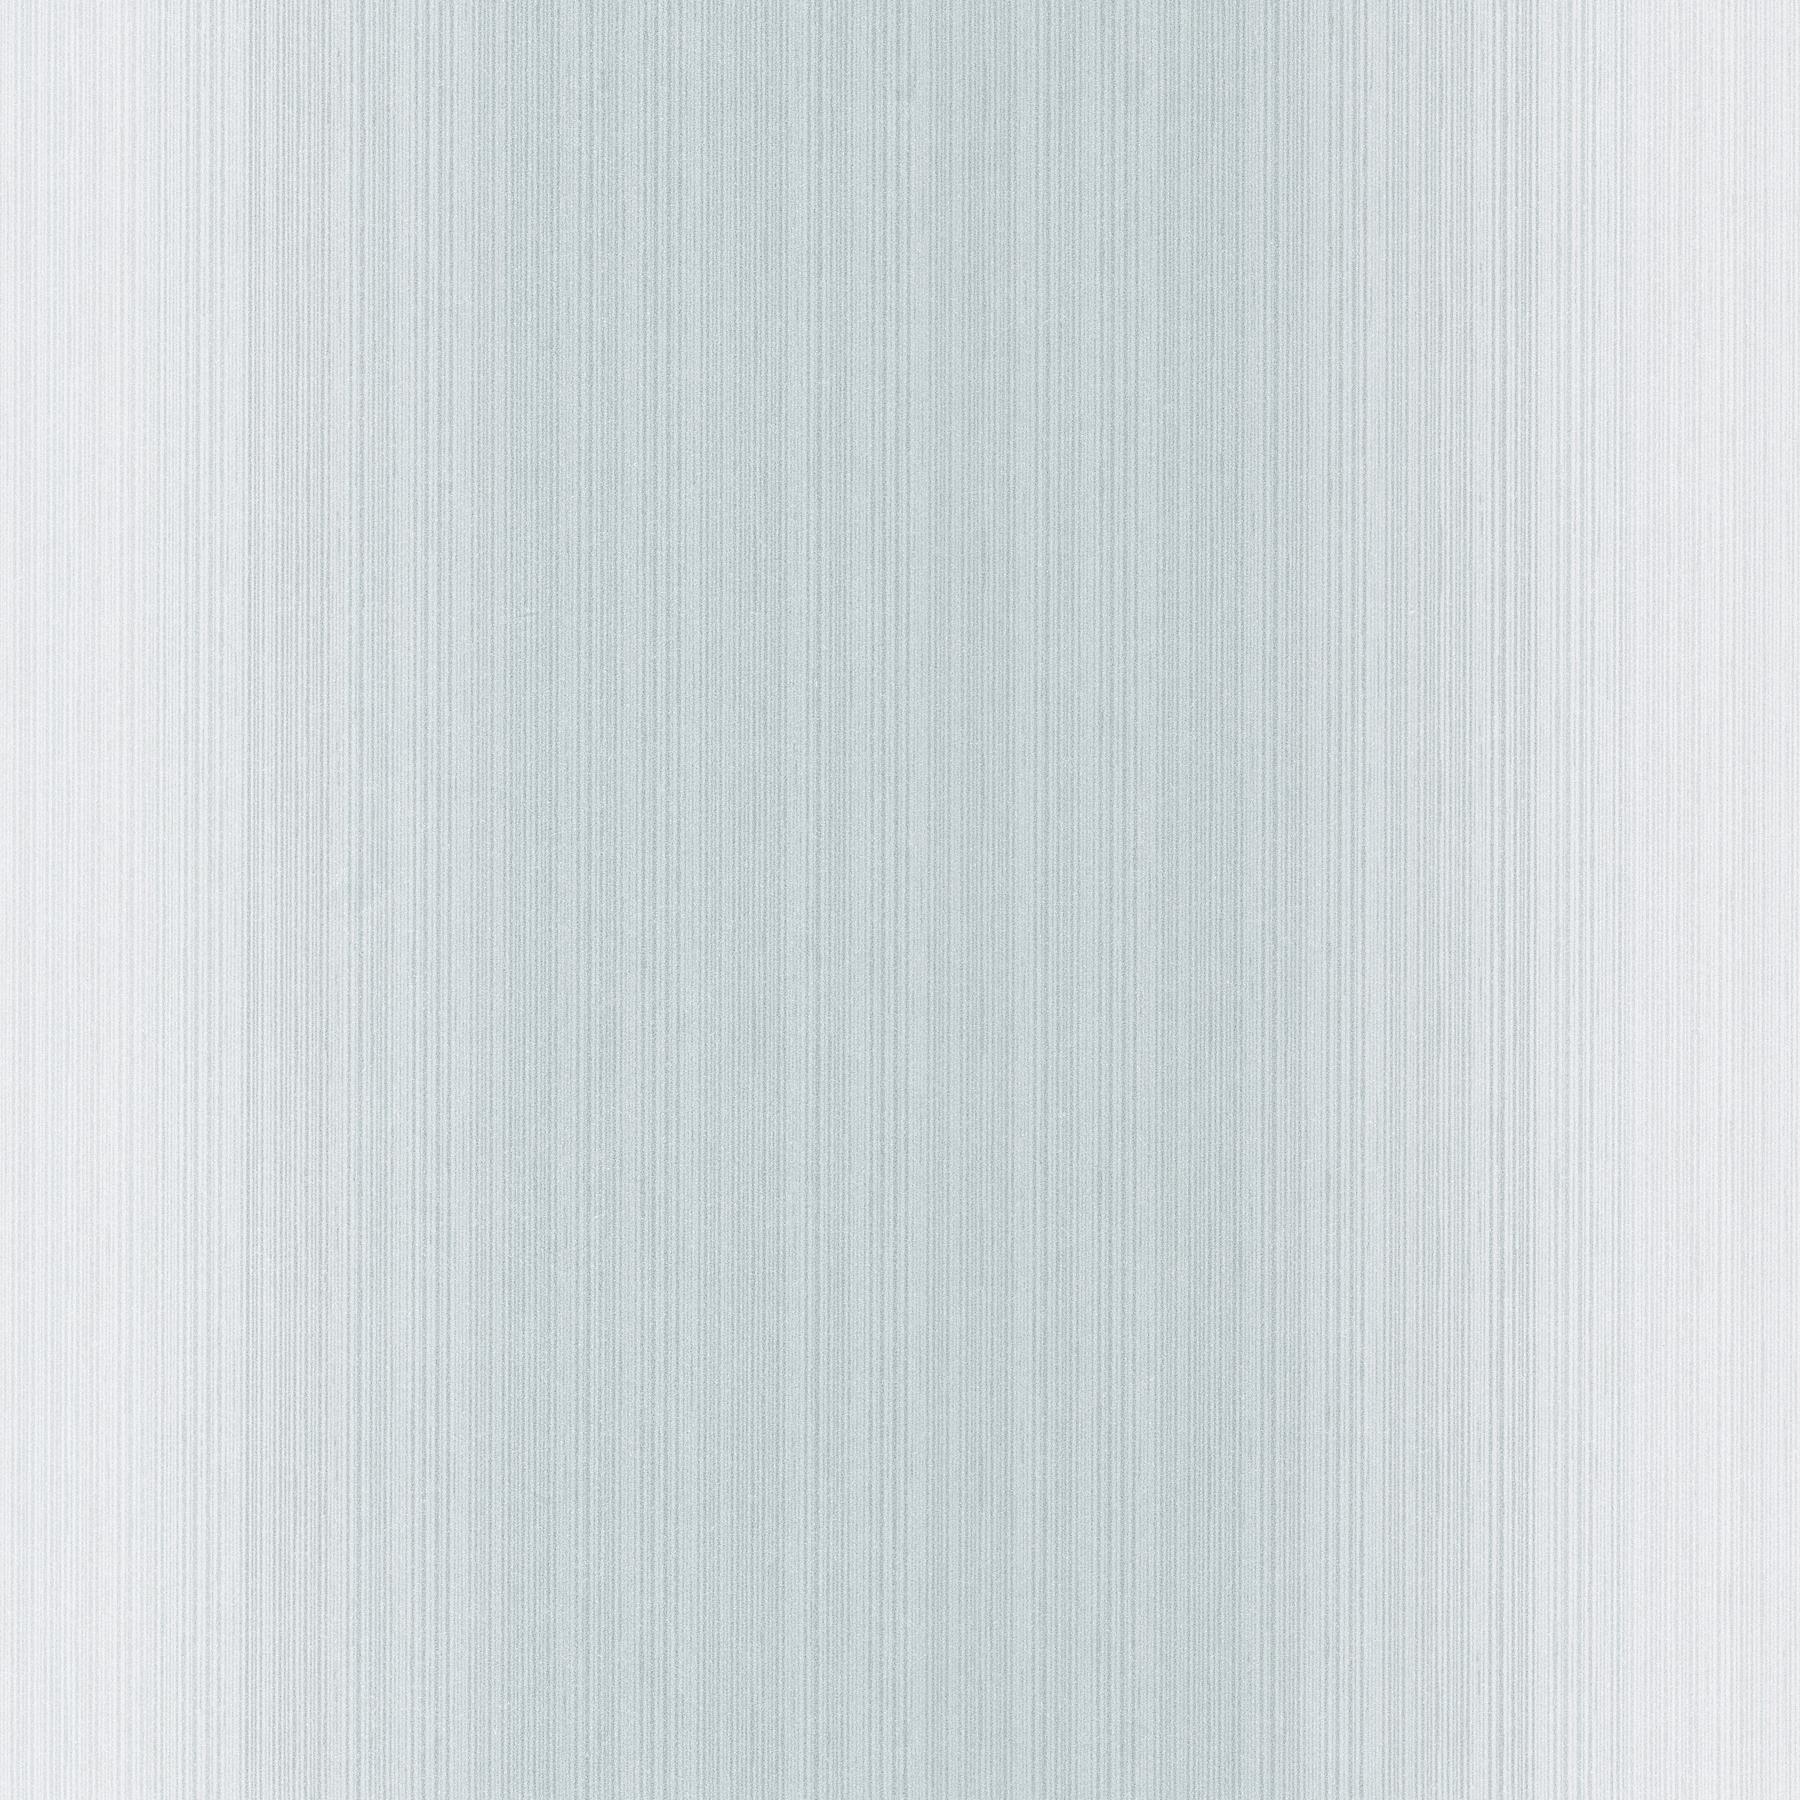 Papel de Parede Código: 295-66559